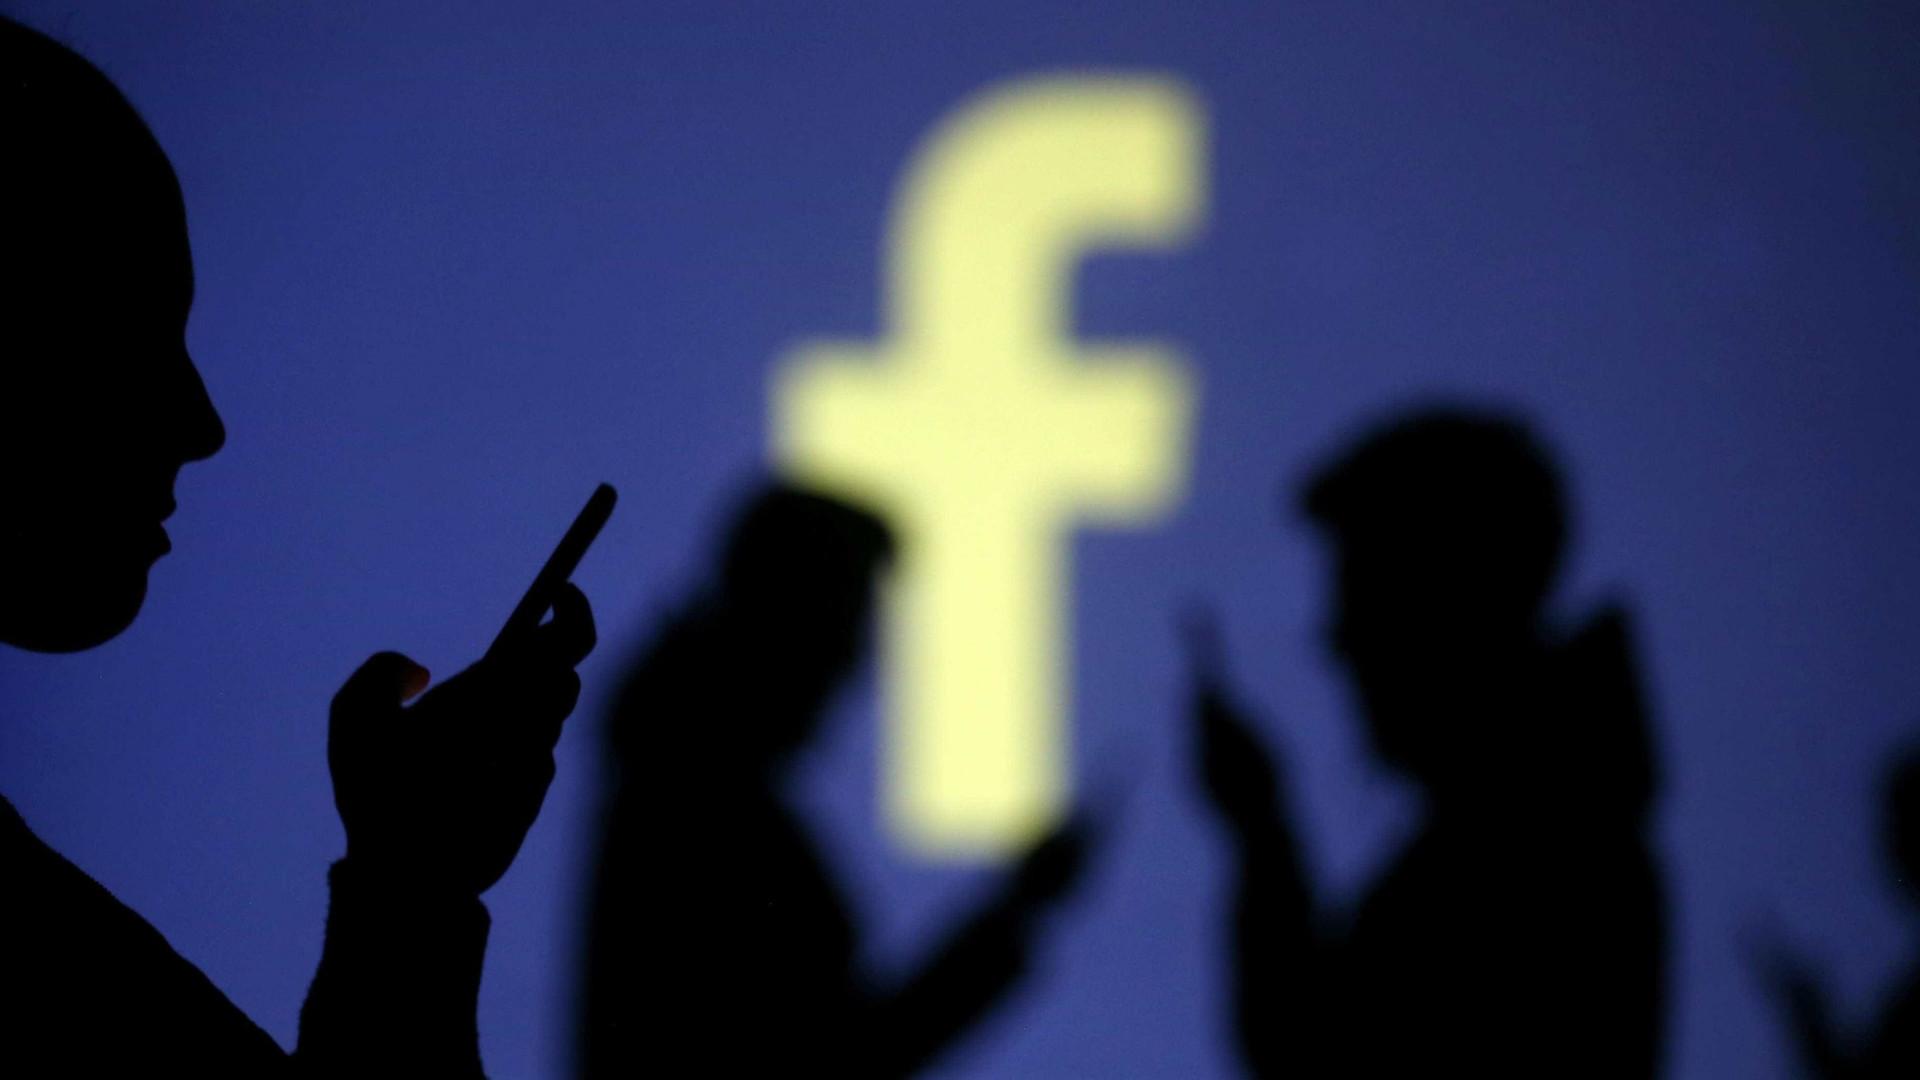 Estudo: Facebook será um 'cemitério digital' nos próximos 50 anos